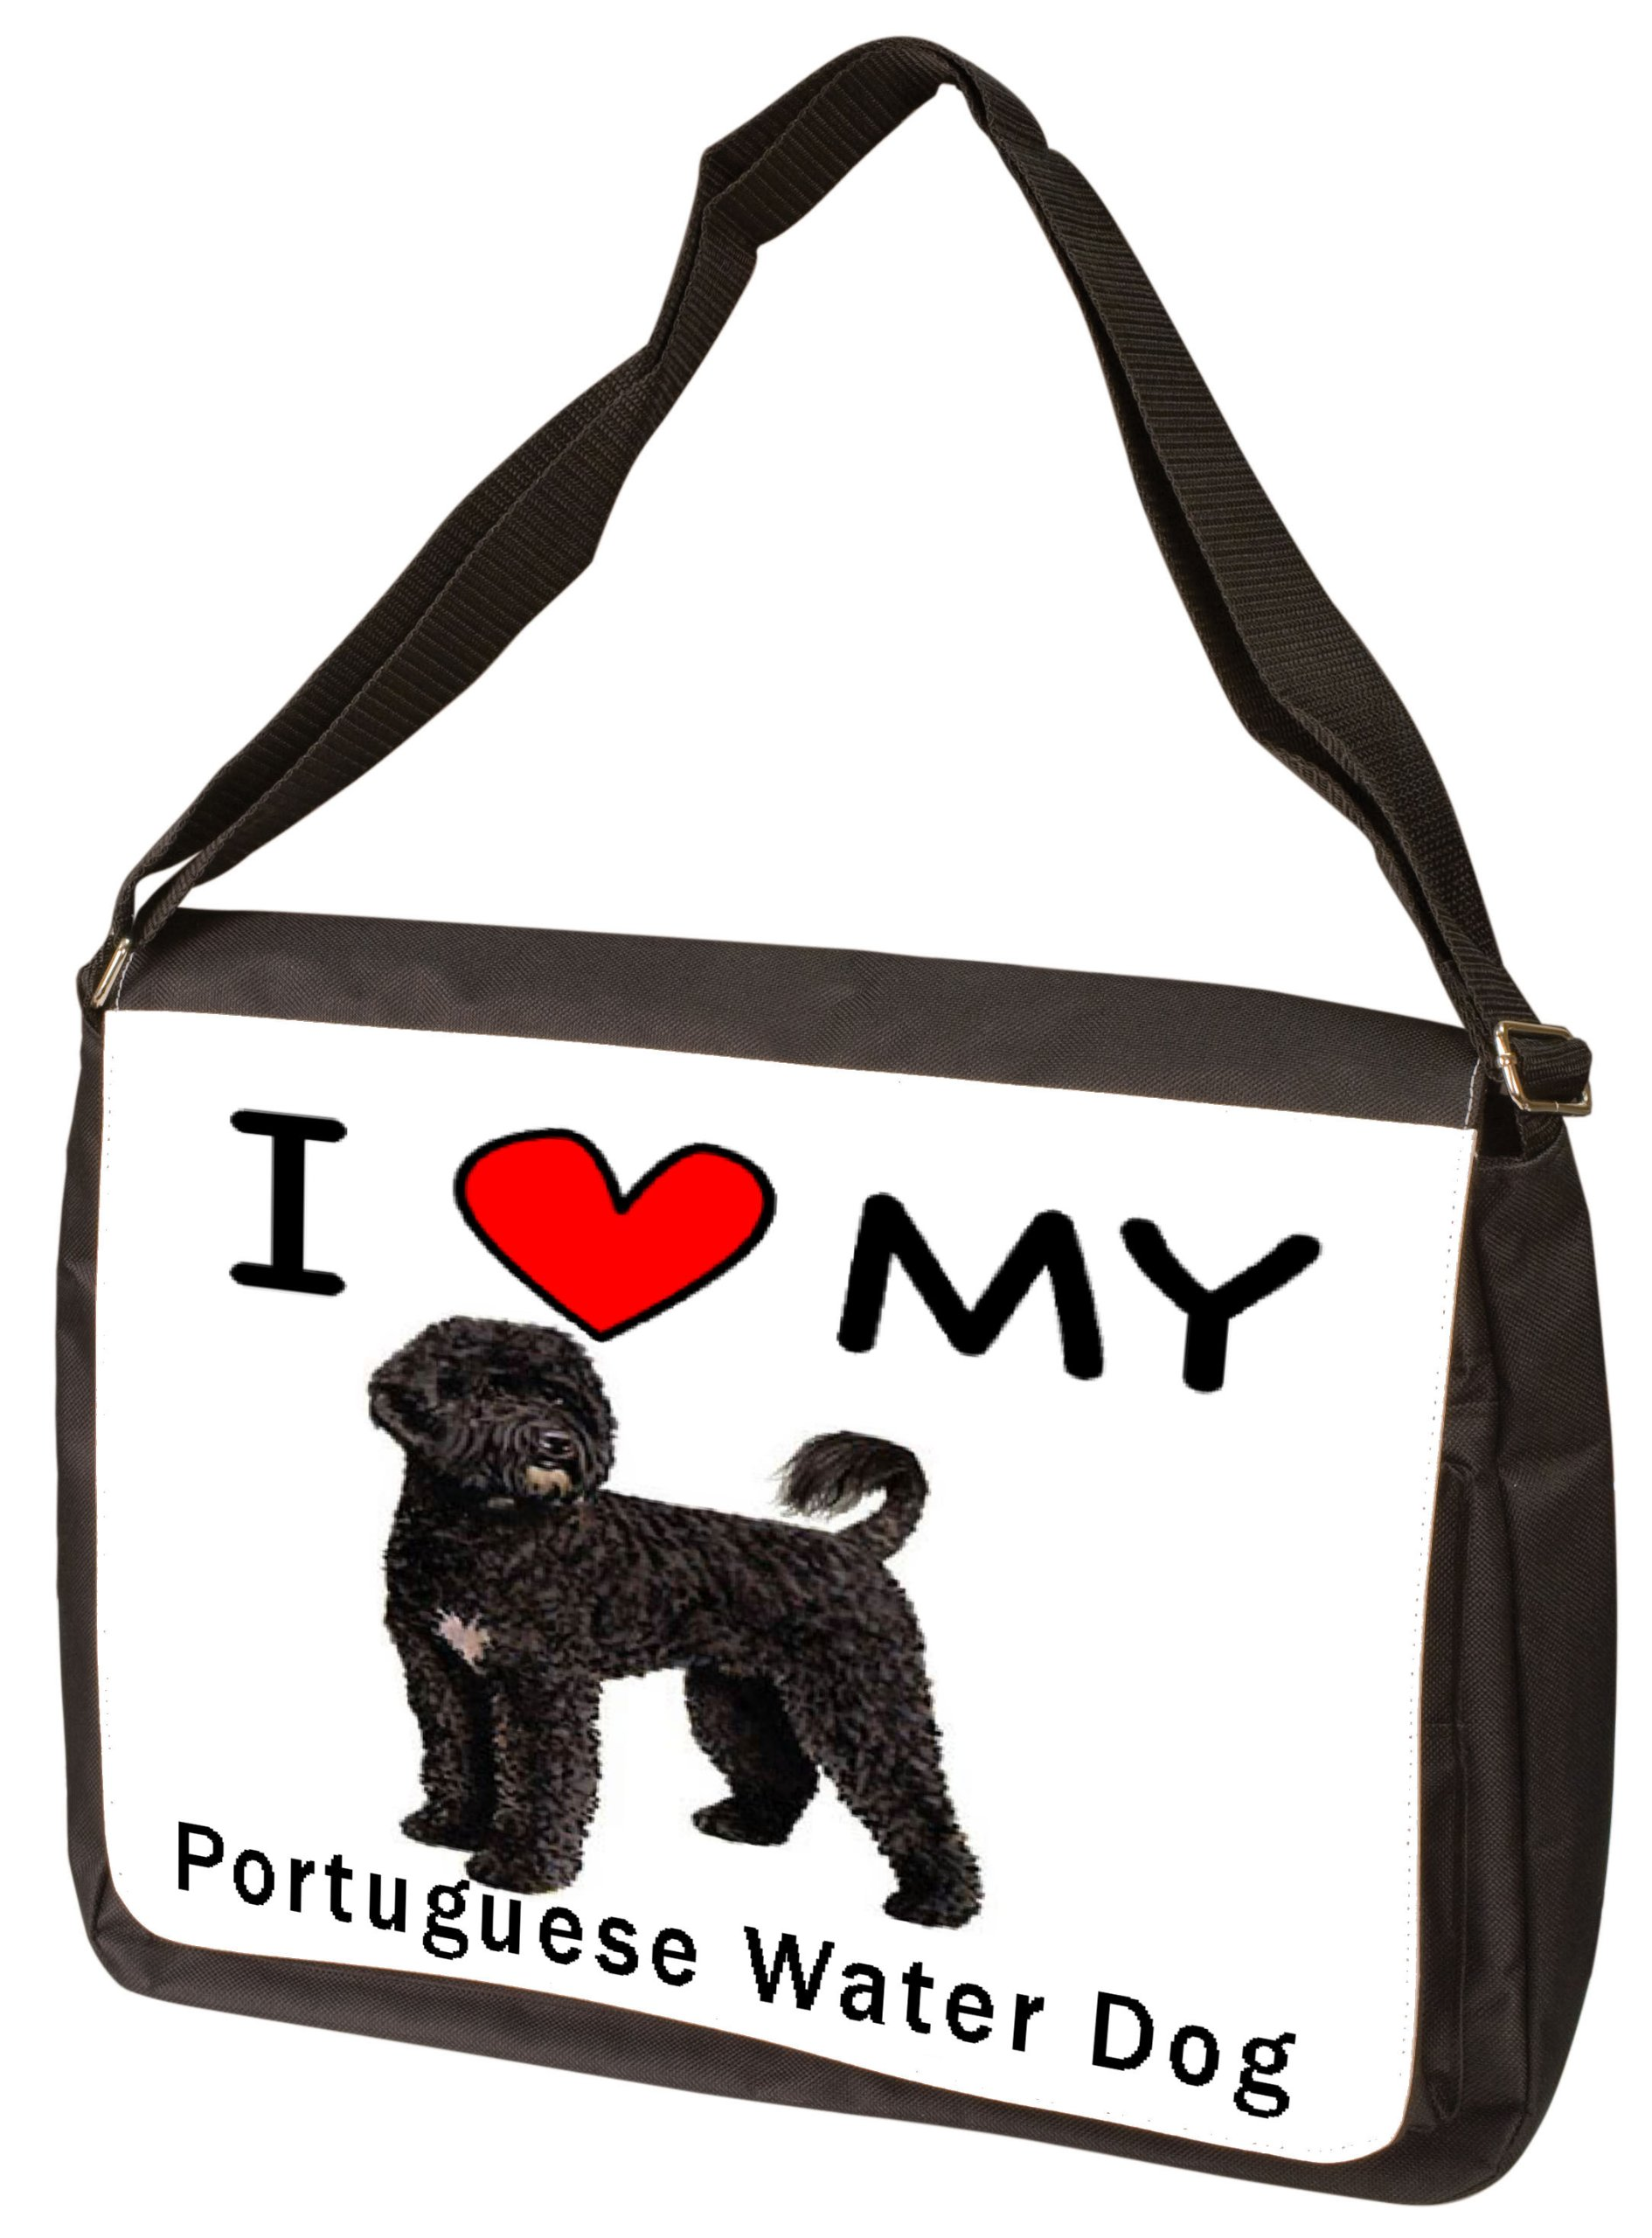 I Love My Portuguese Water Dog Laptop Bag - Shoulder Bag - Messenger Bag